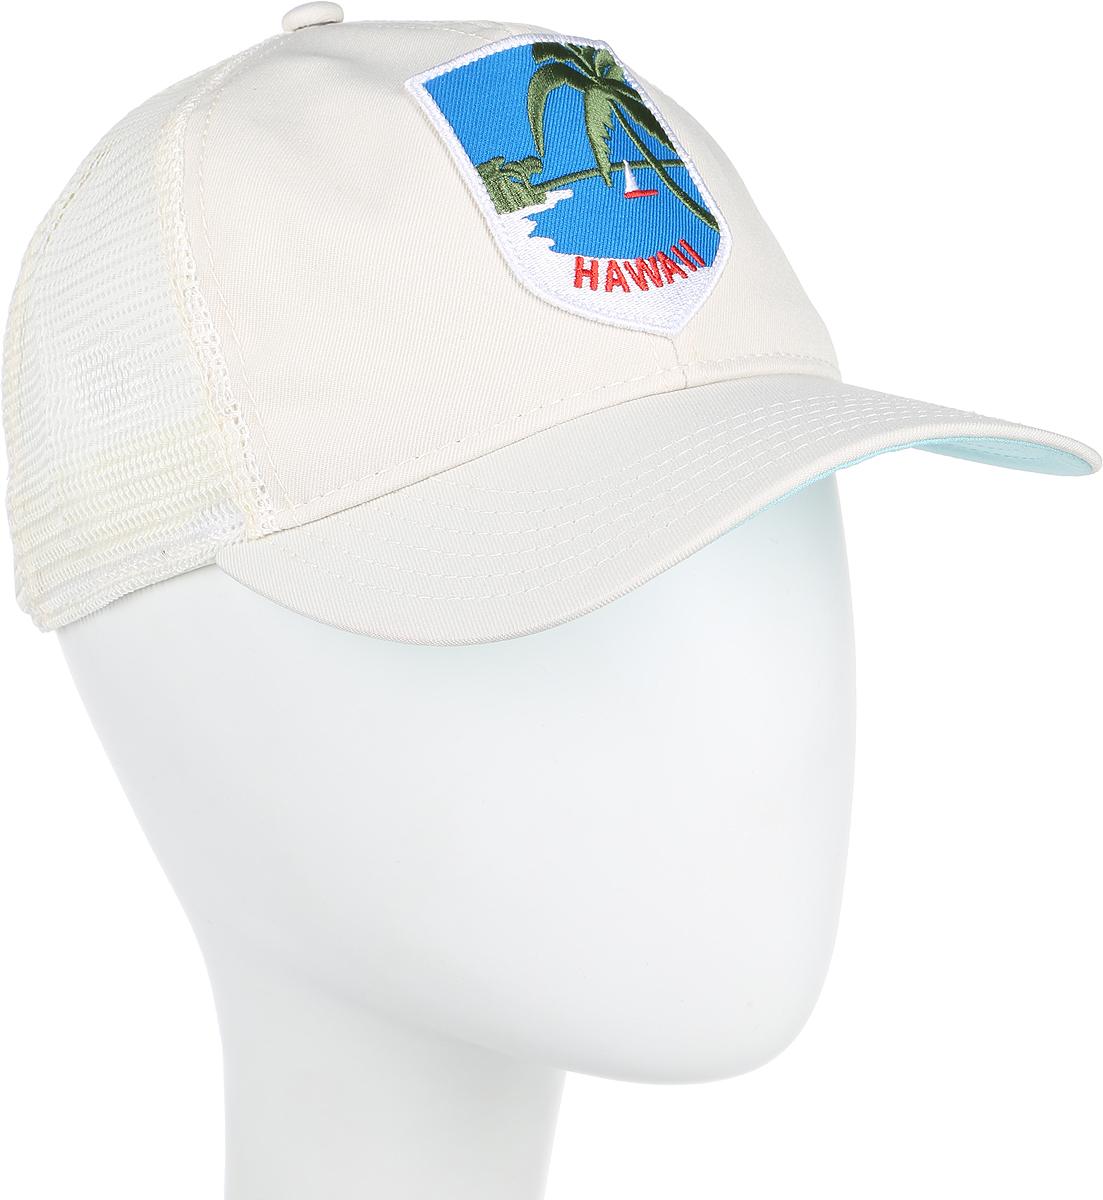 Бейсболка Goorin Brothers HAPPY PLACE, цвет: белый. 91-180-17-00. Размер универсальный91-180-17-00HAPPY PLACE - классическая бейсболка-тракер, сшитая с сеточкой в задней части. Сзади также имеется пластиковый ремешок для регулировки по размеру головы. На передней панели нашивка с изображением тропического побережья и надписью HAWAII. Отличный, простой и надежный летний вариант на любой случай.